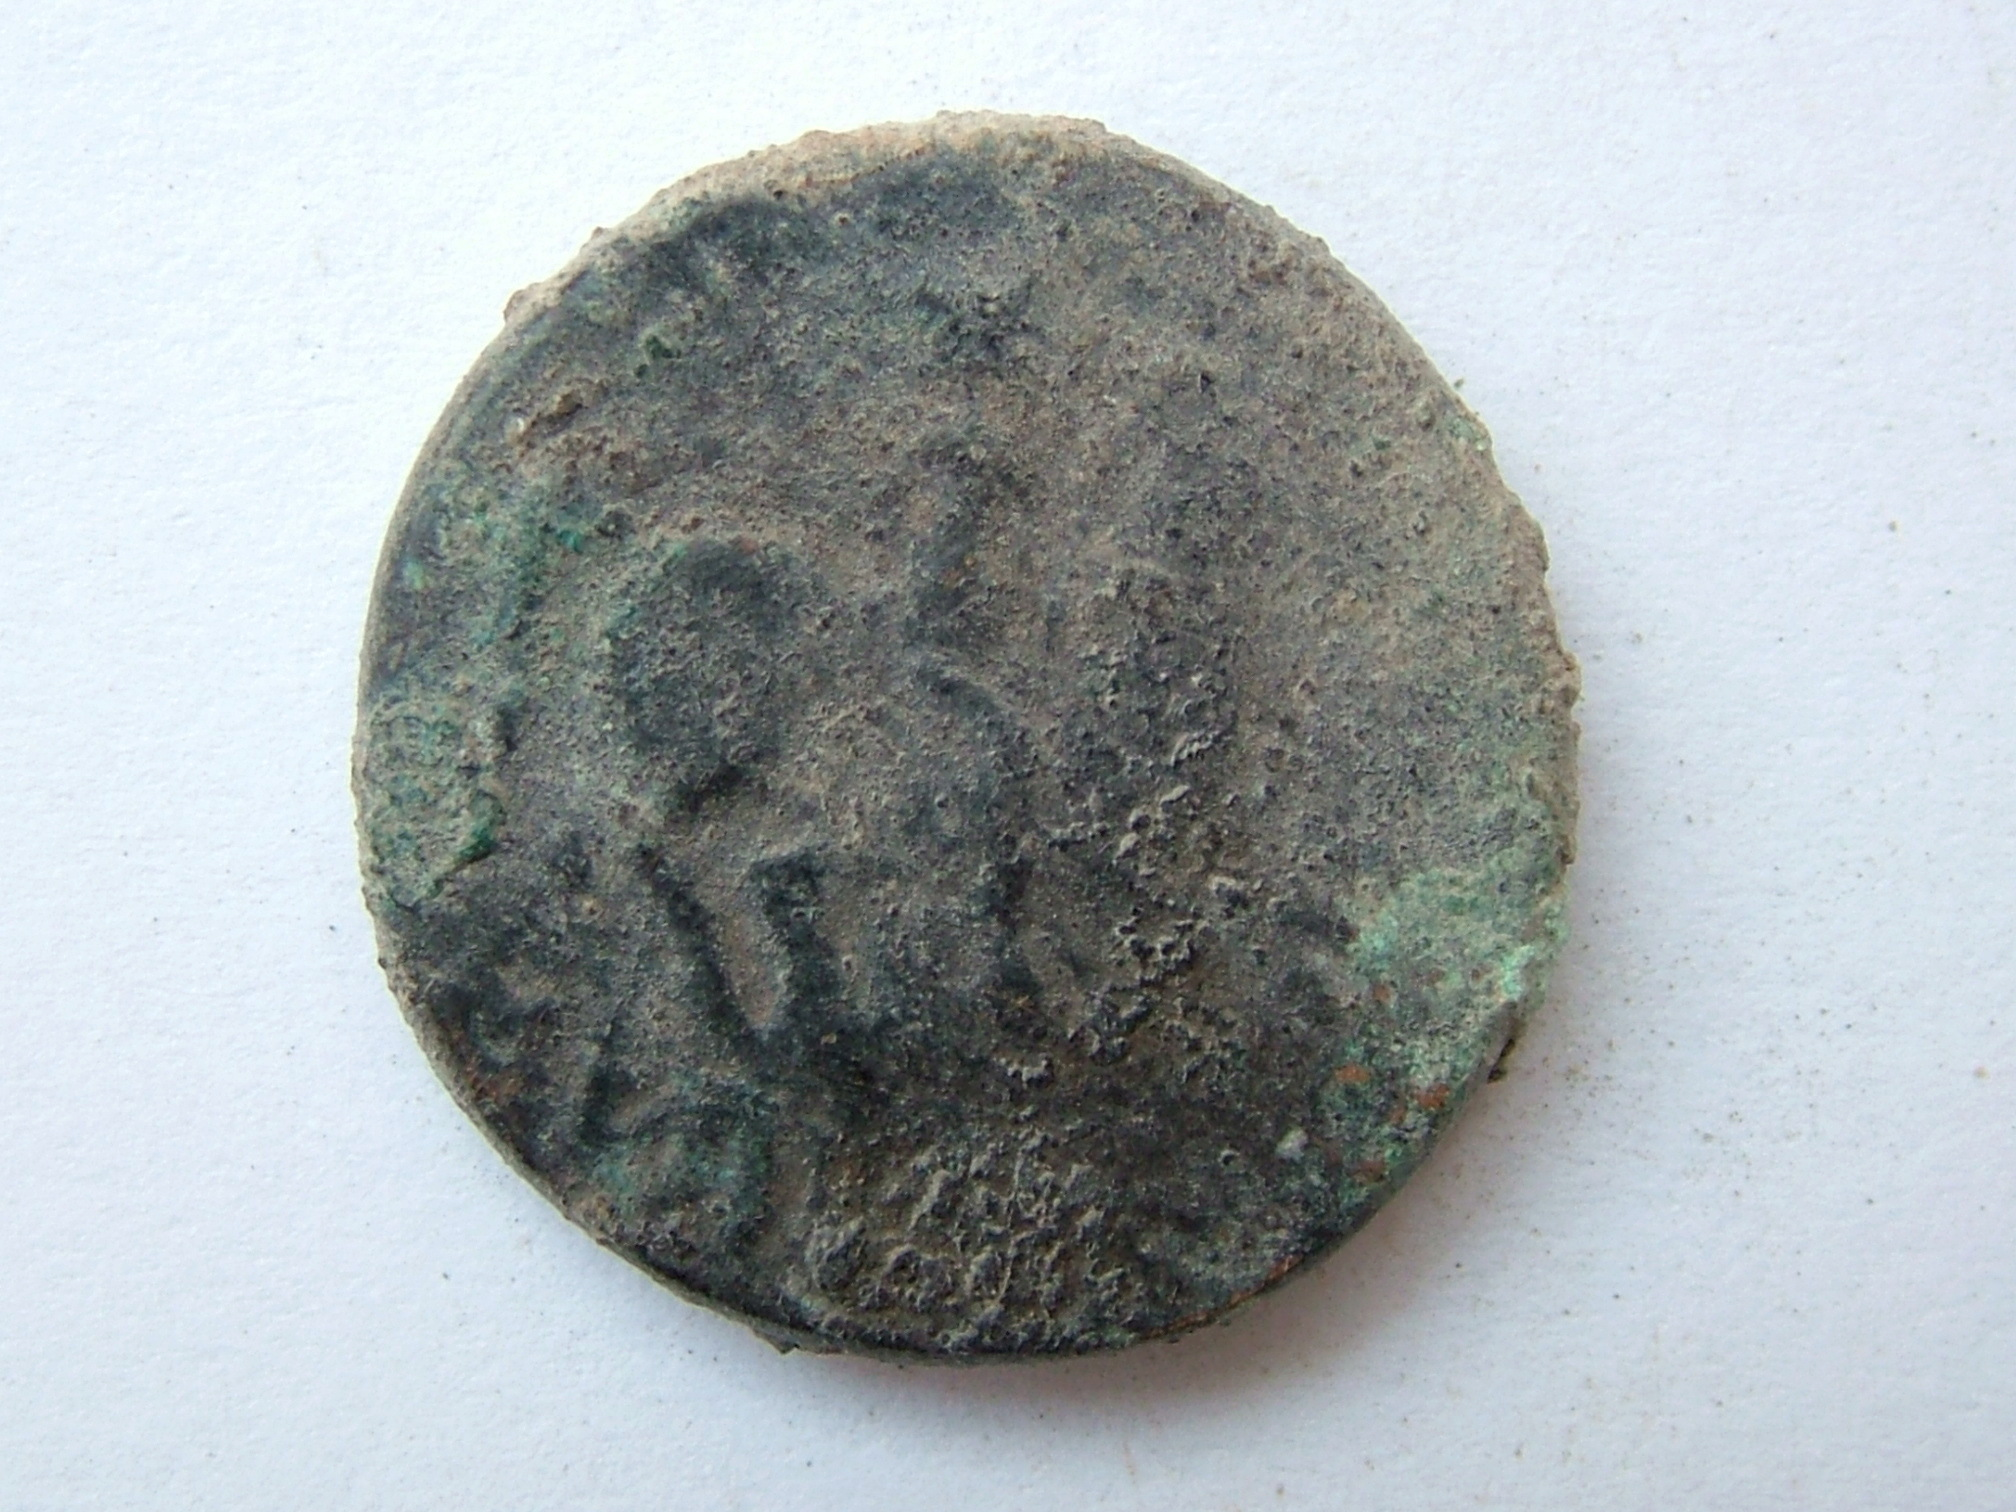 Imágenes a gran escala de pátinas y monedas falsas. Escalofriante (+18). 08_rev10